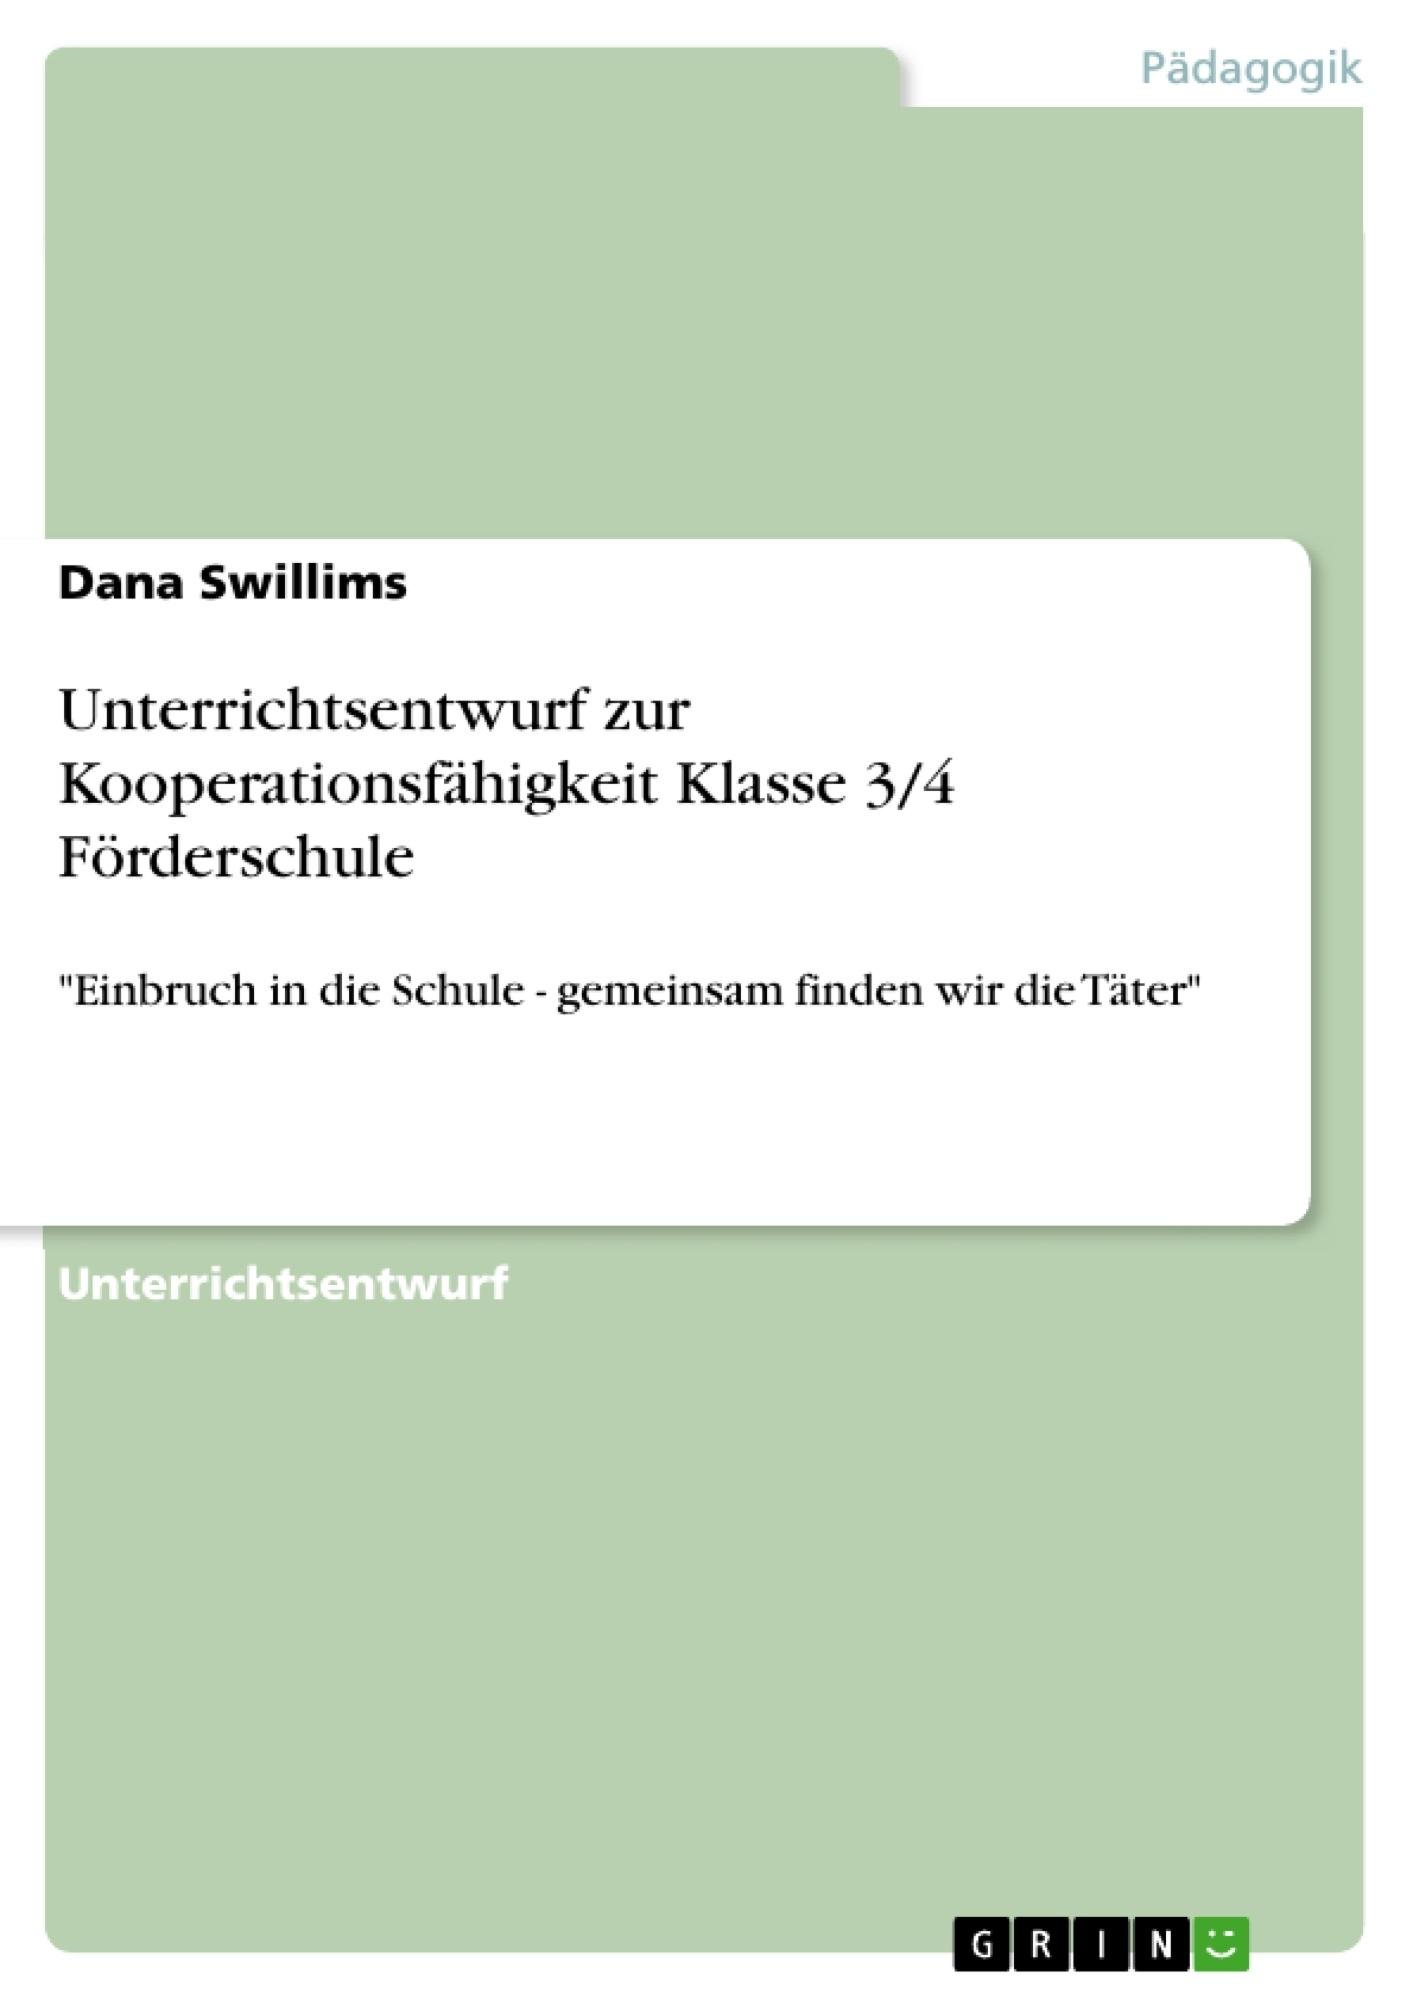 Titel: Unterrichtsentwurf zur Kooperationsfähigkeit Klasse 3/4 Förderschule